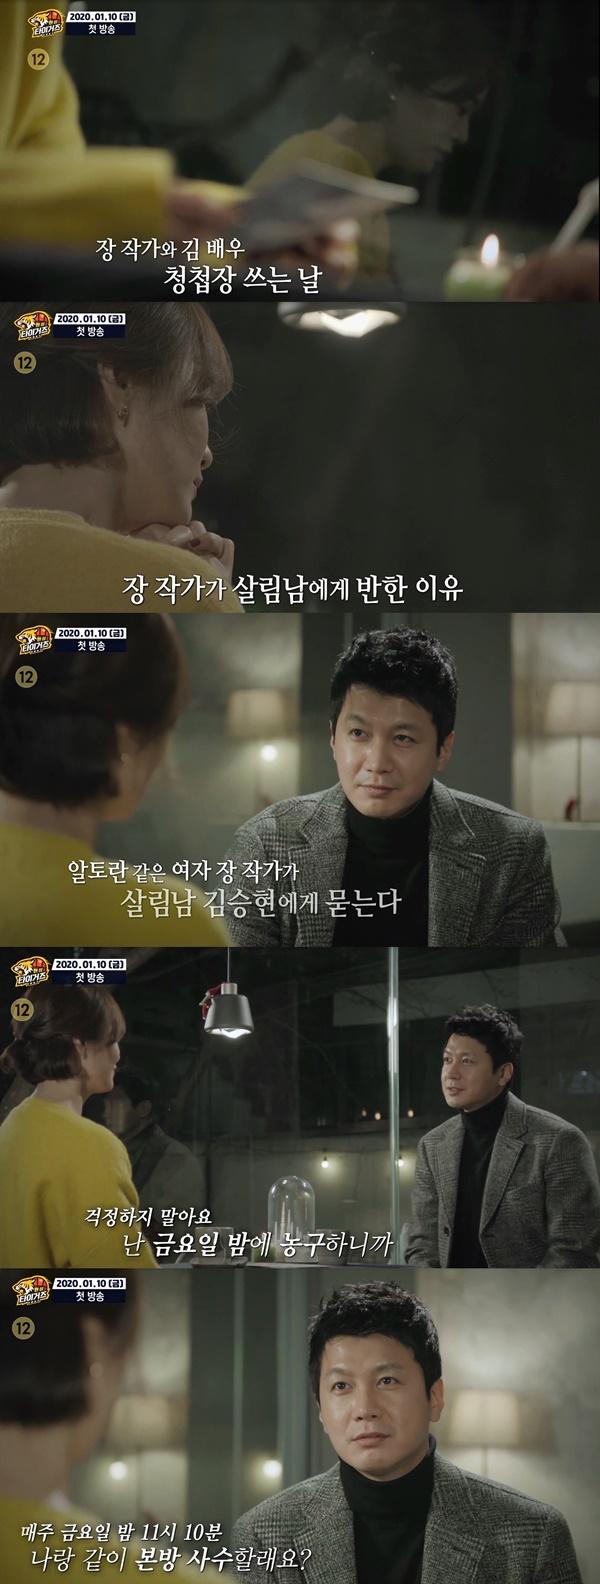 '핸섬타이거즈' 김승현♥장정윤 작가 등장